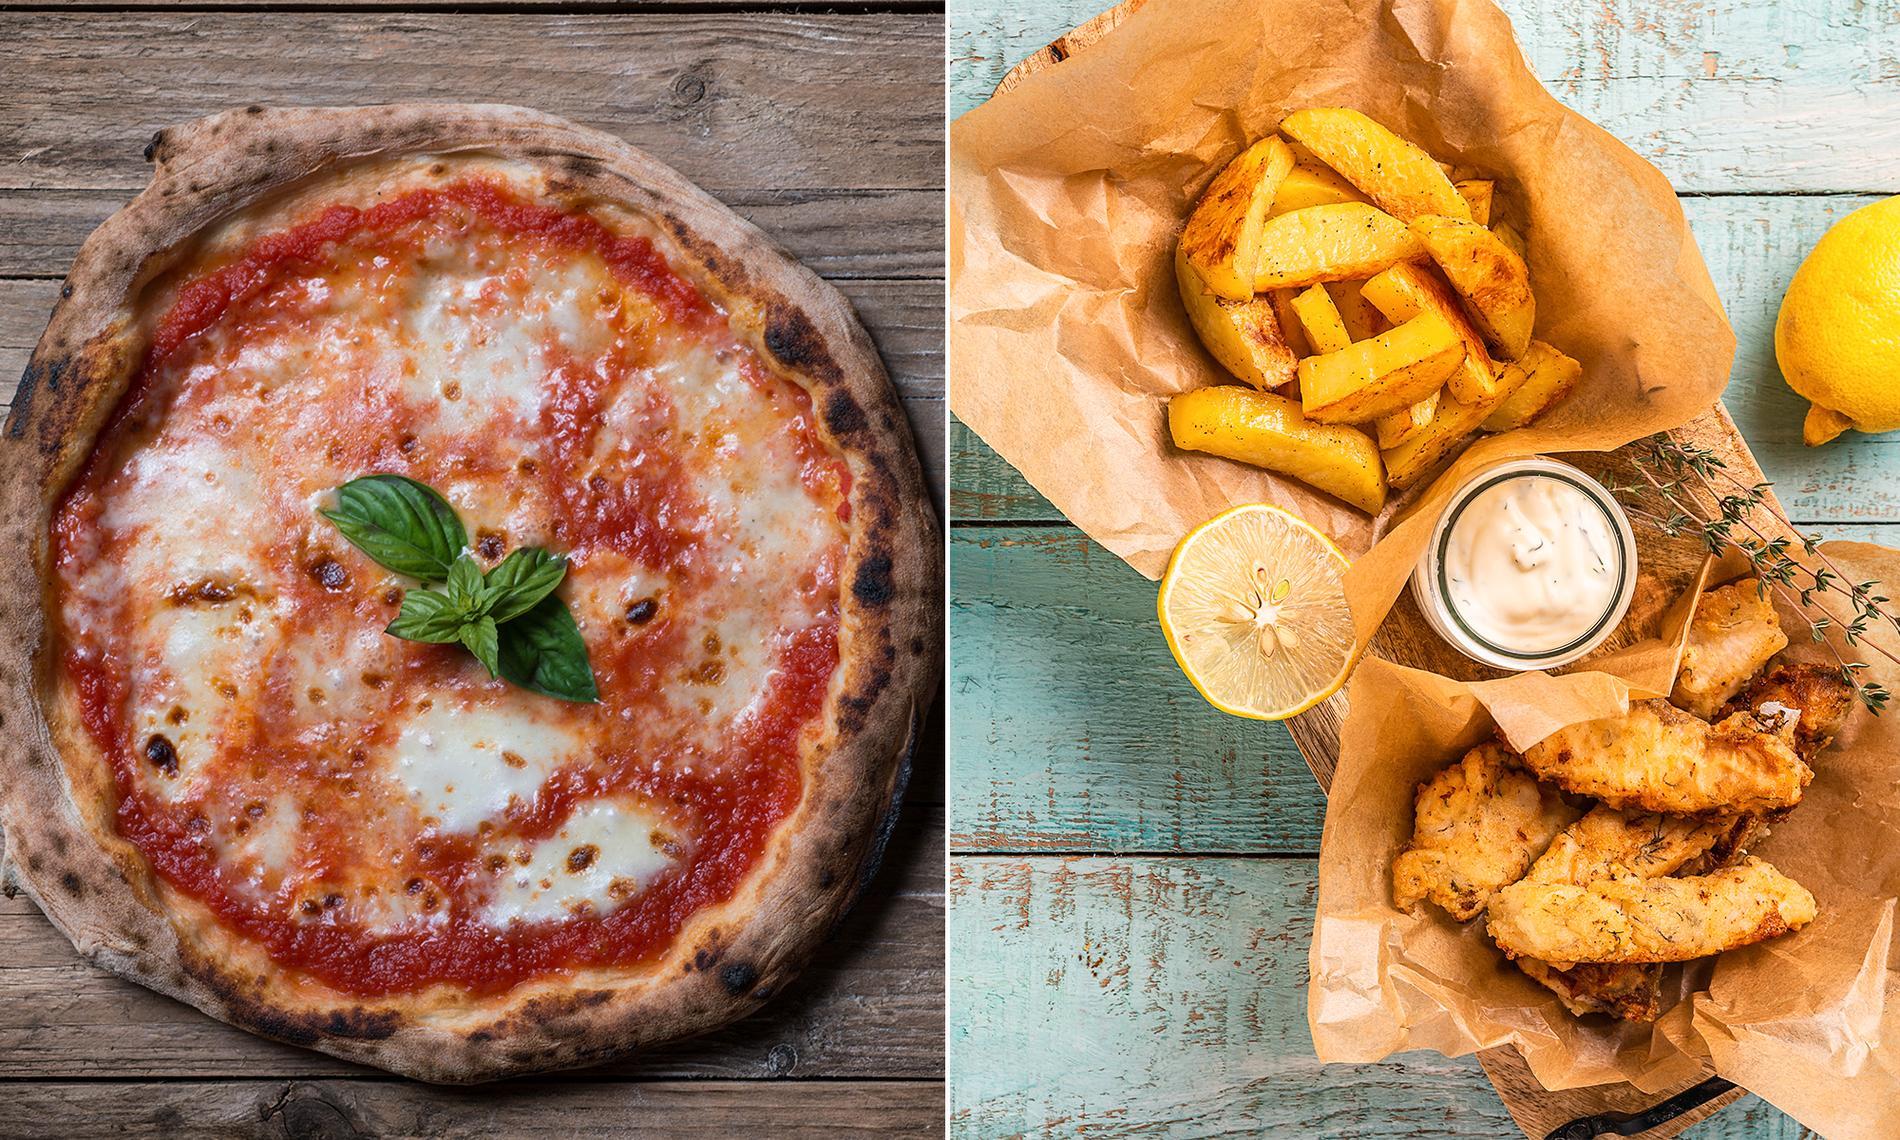 Pizza mot fish and chips – vem har bäst mat av finalisterna i fotbolls-EM? Experterna avgör.